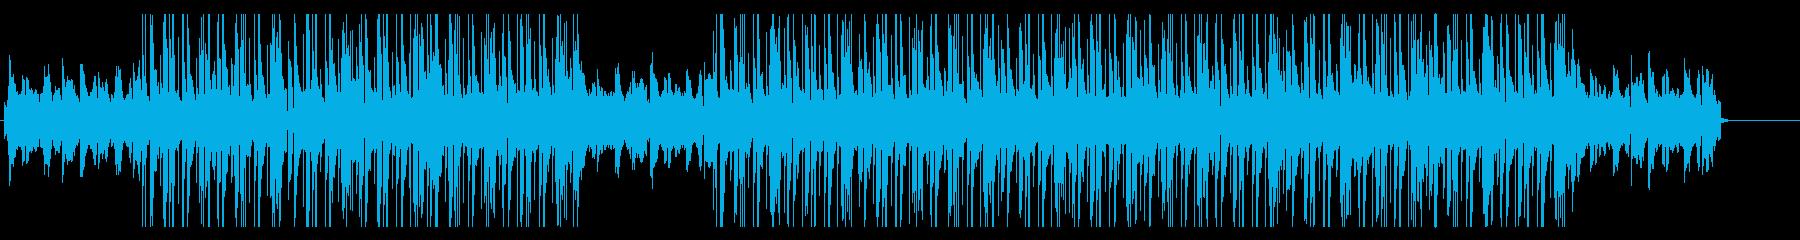 lo-fi hiphop beat の再生済みの波形